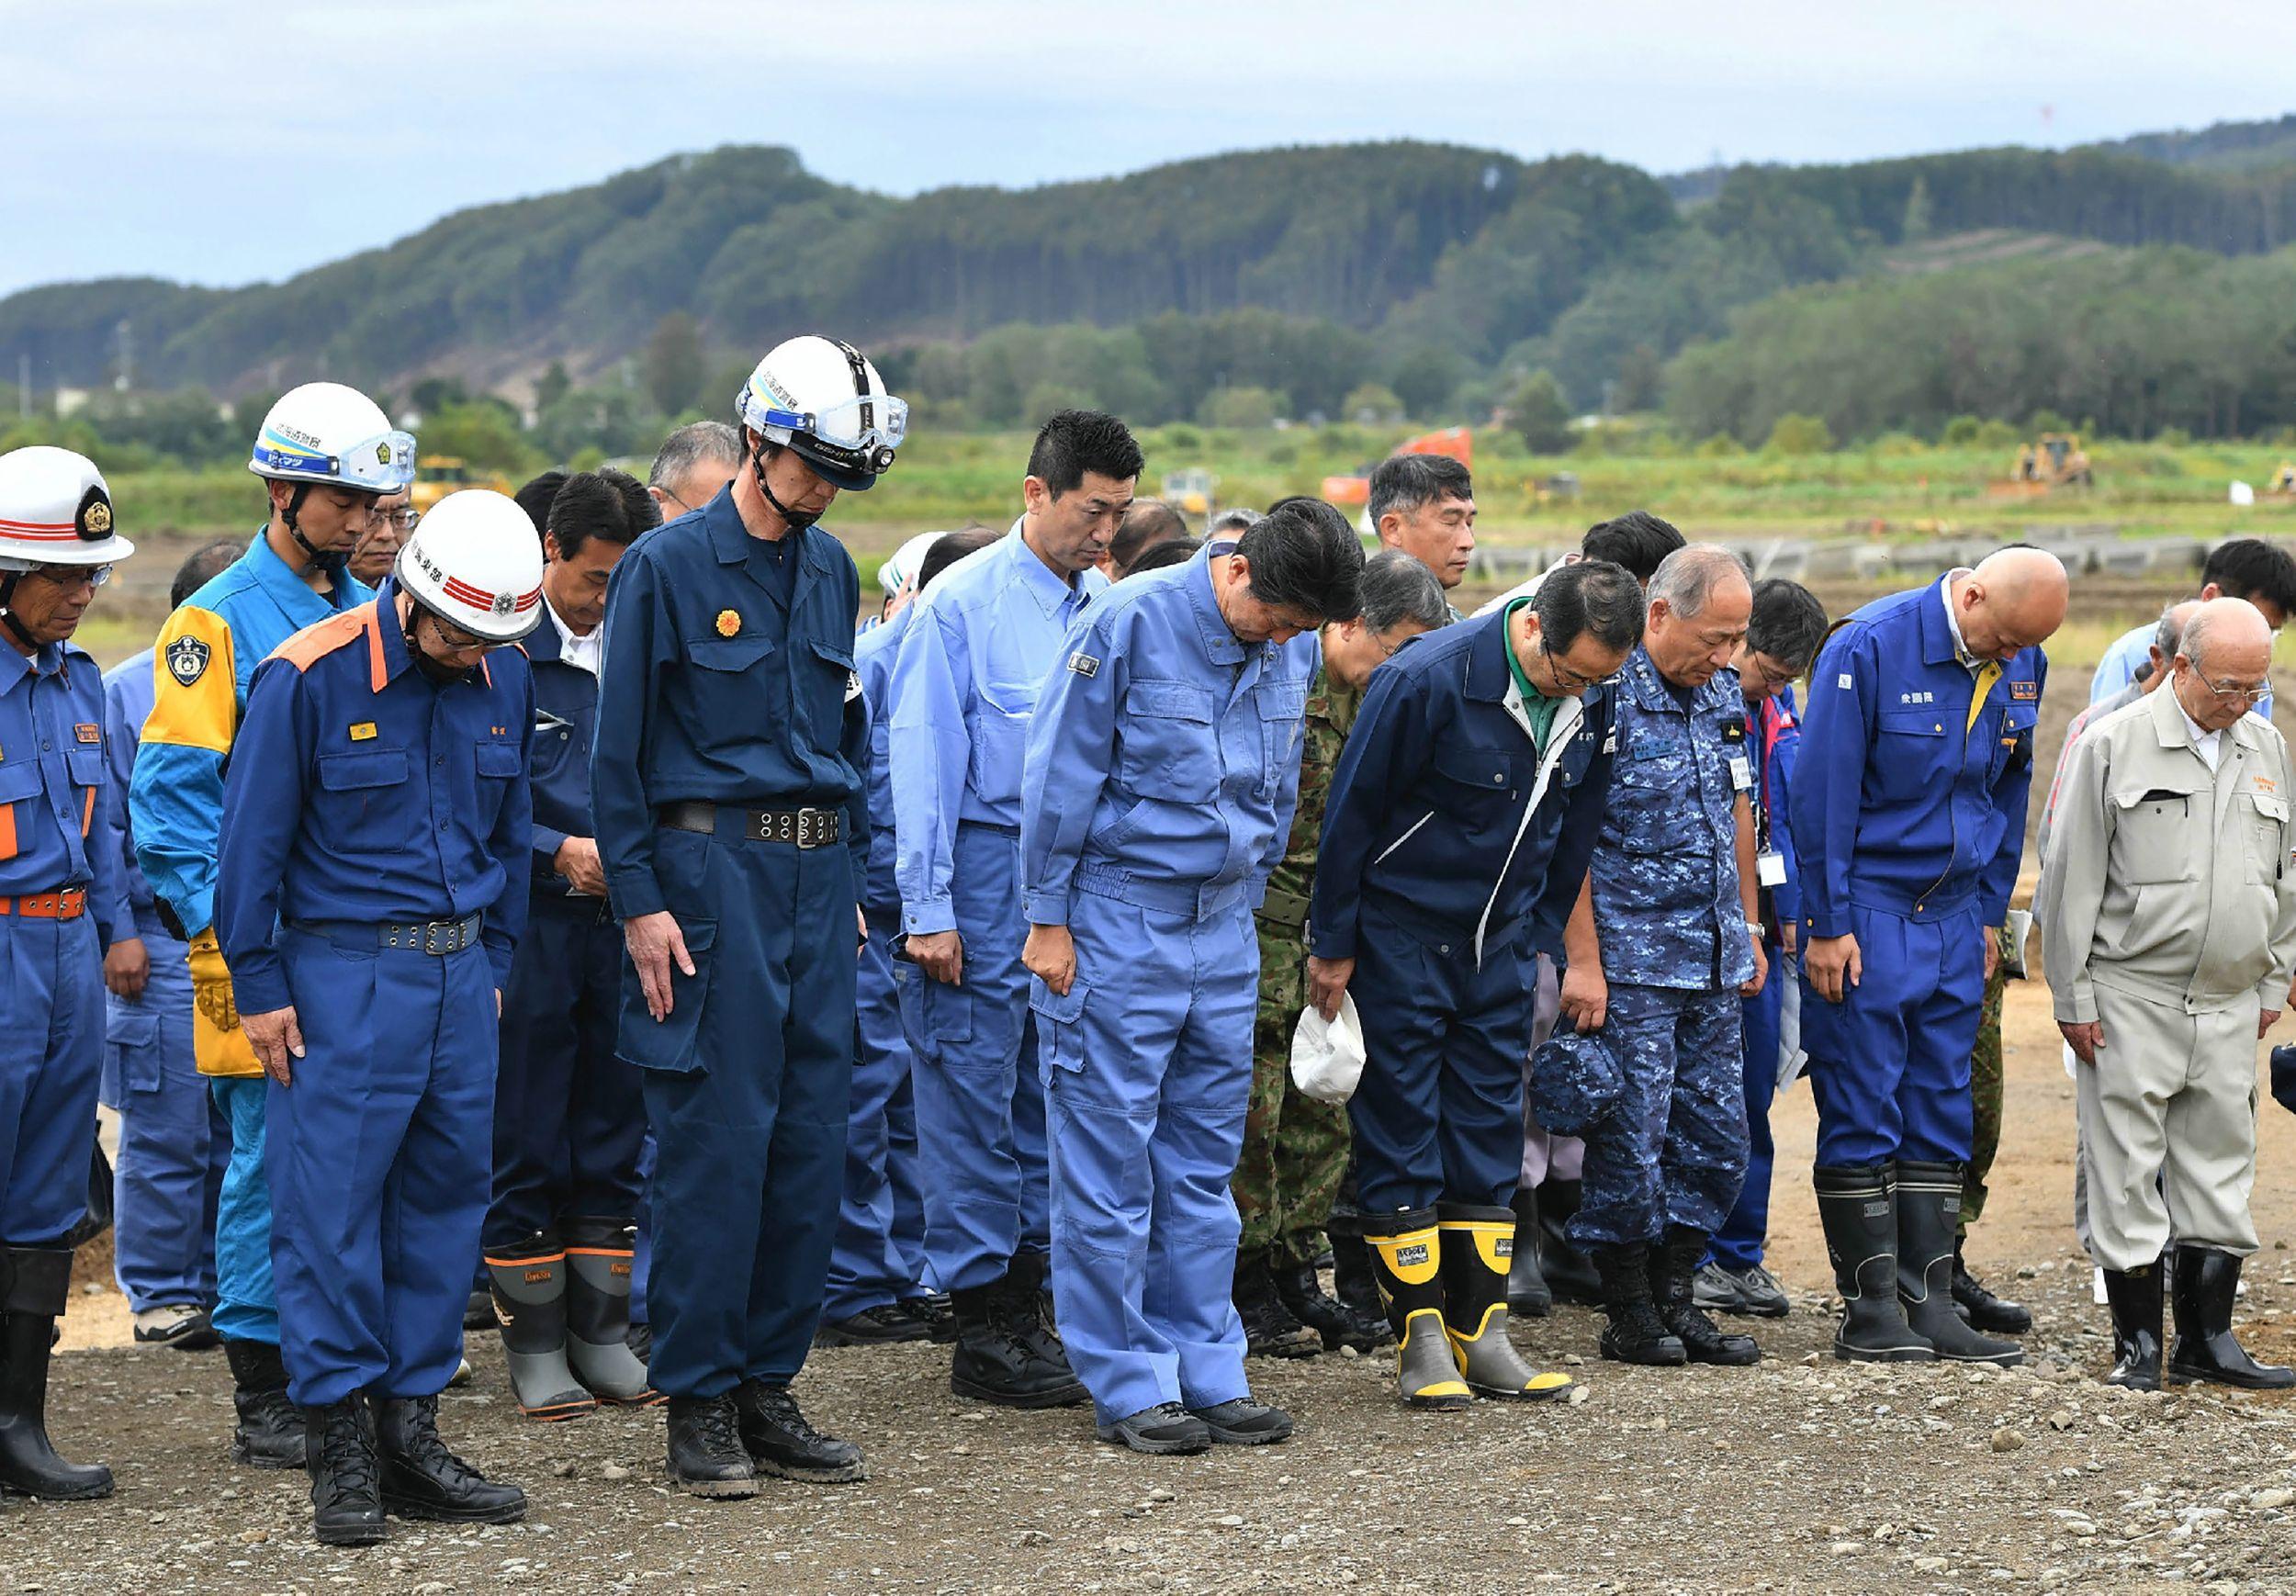 رئيس وزراء اليابان يقف حداد على ضحايا الزلزال